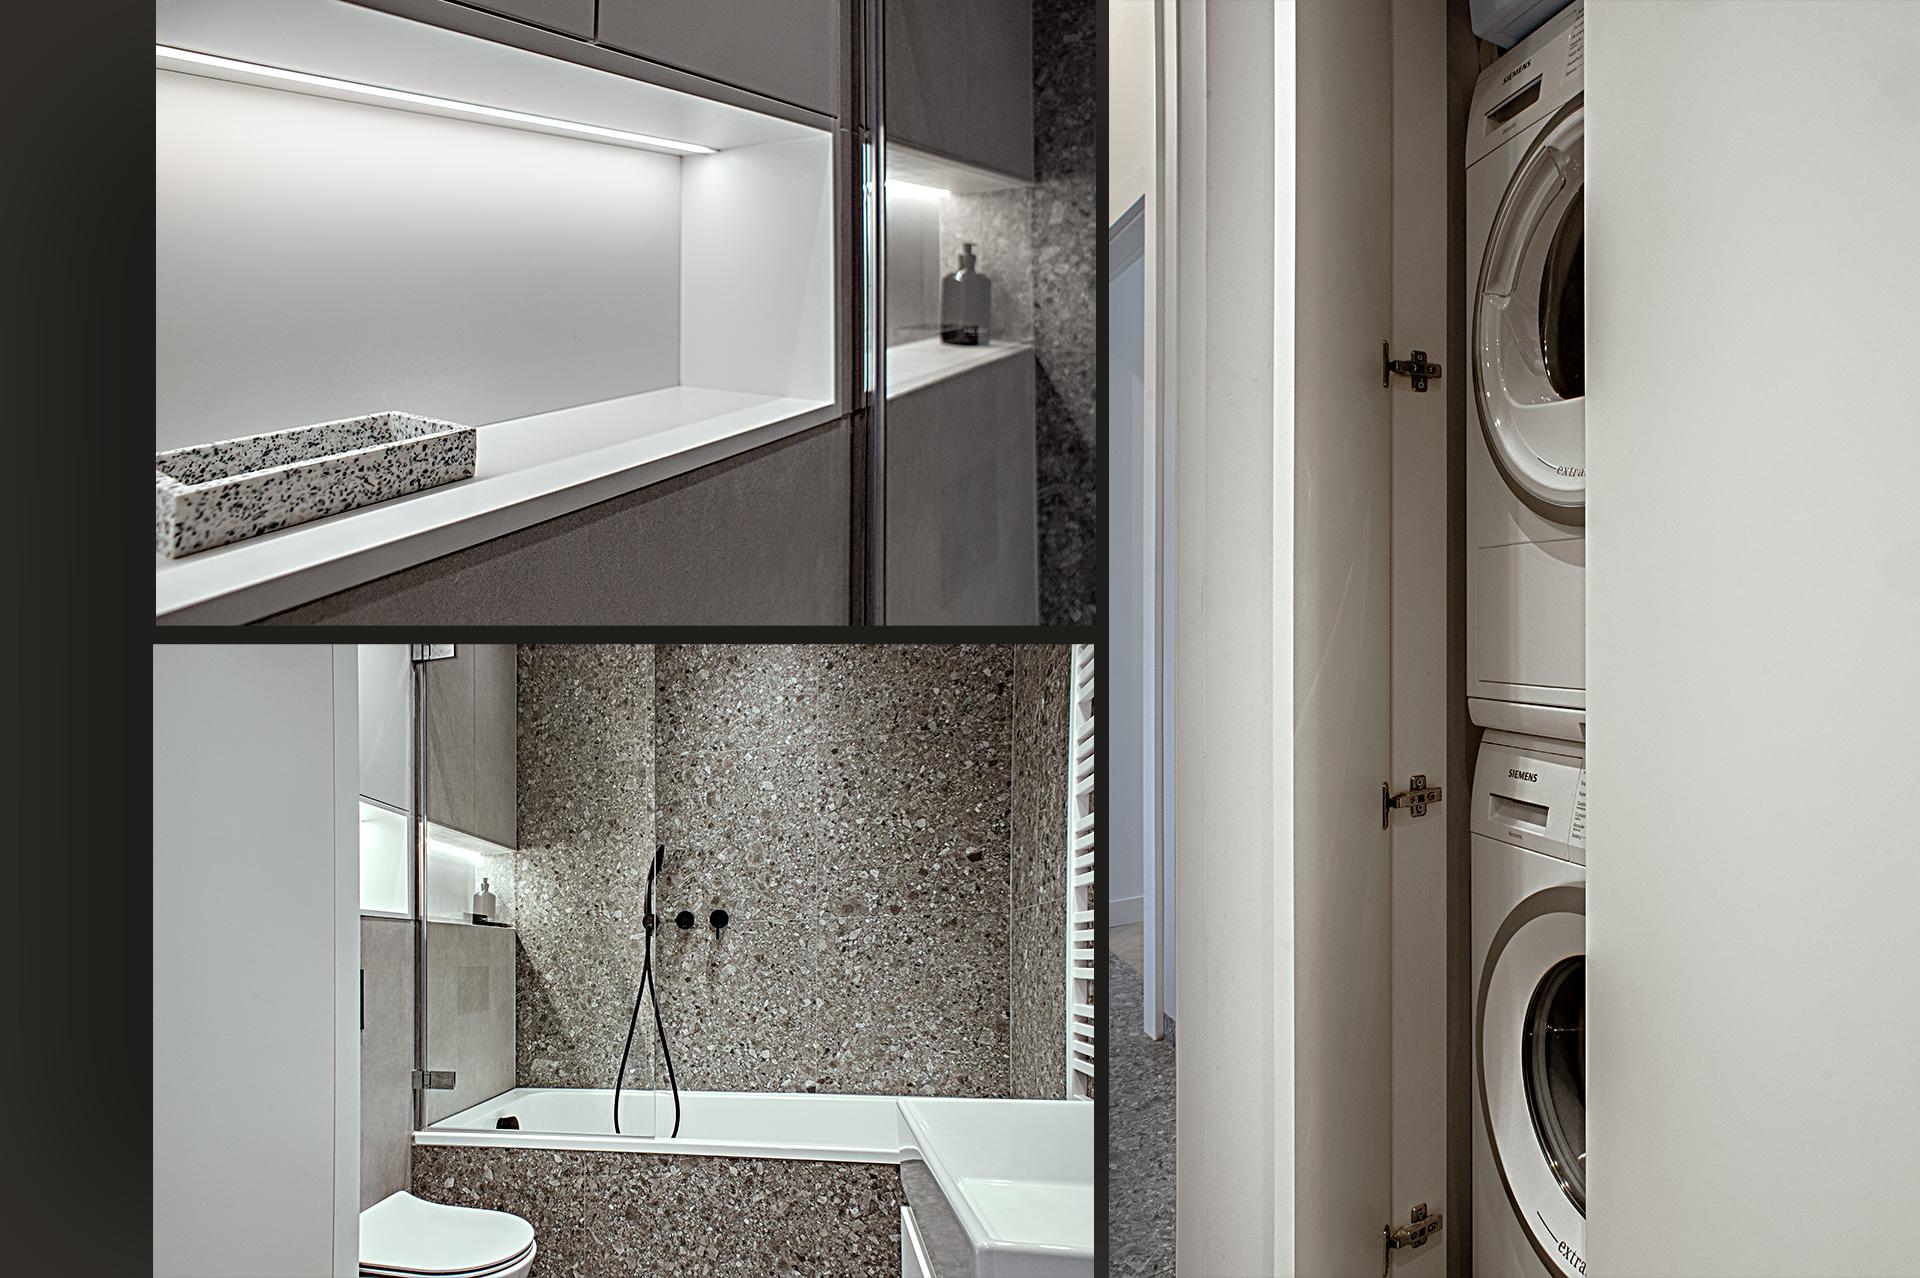 Mimo niewielkiej powierzchni, dzięki optymalnemu planowaniu, w łazience jest pod dostatkiem miejsca do przechowywania. Nawet pralka i suszarka zostały ukryte w szafie.